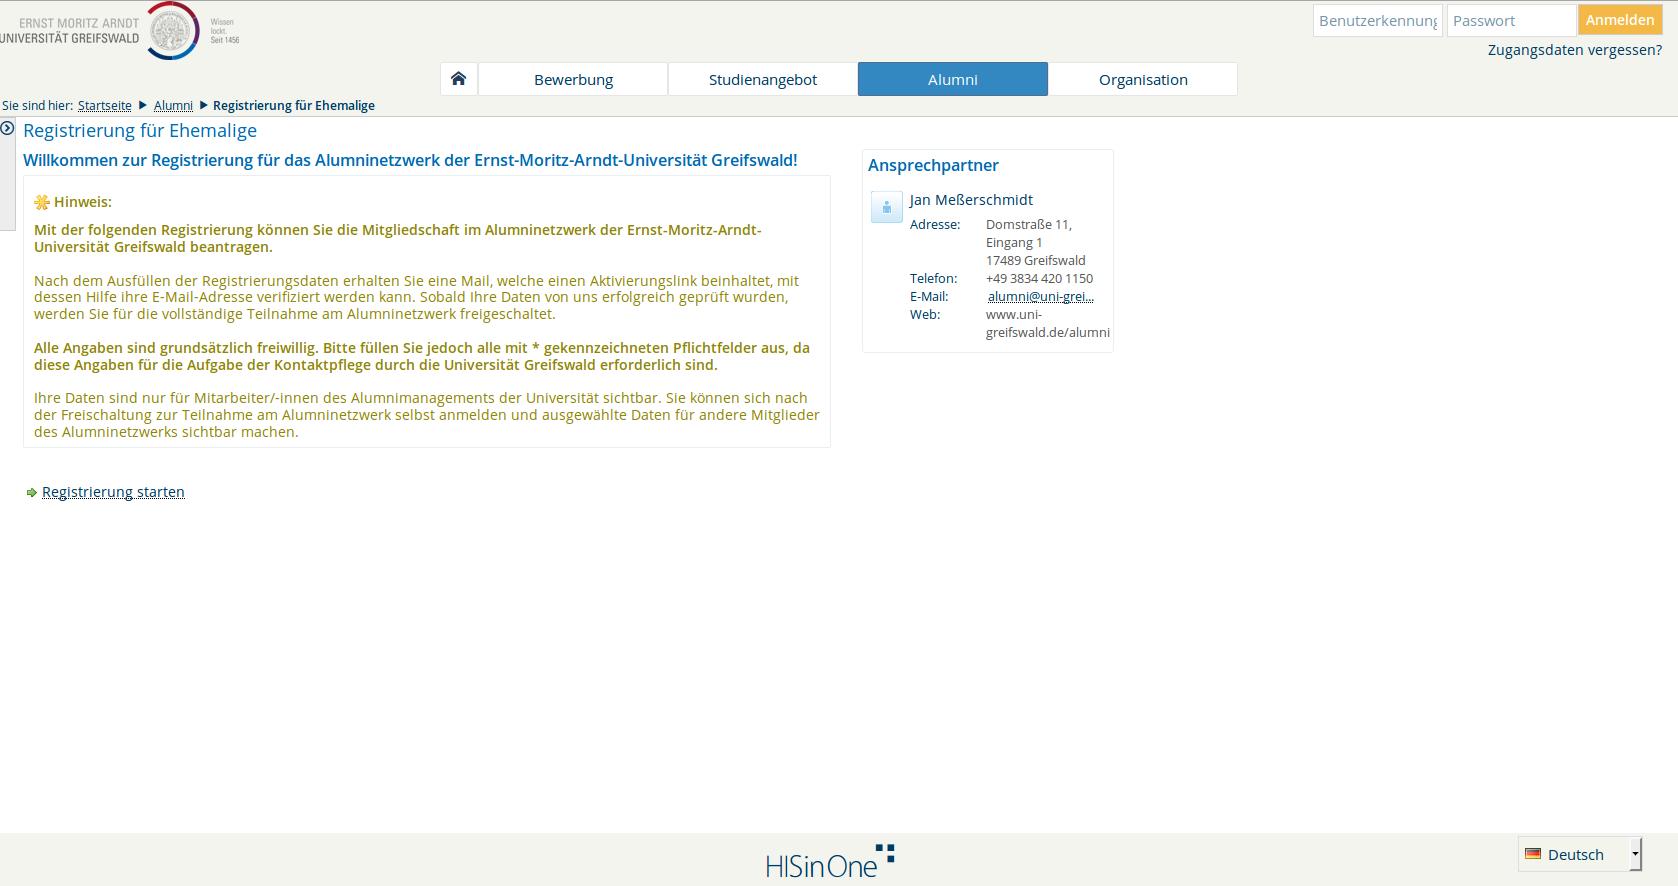 neuregistrierung rechenzentrum universitt greifswald - Uni Greifswald Bewerbung